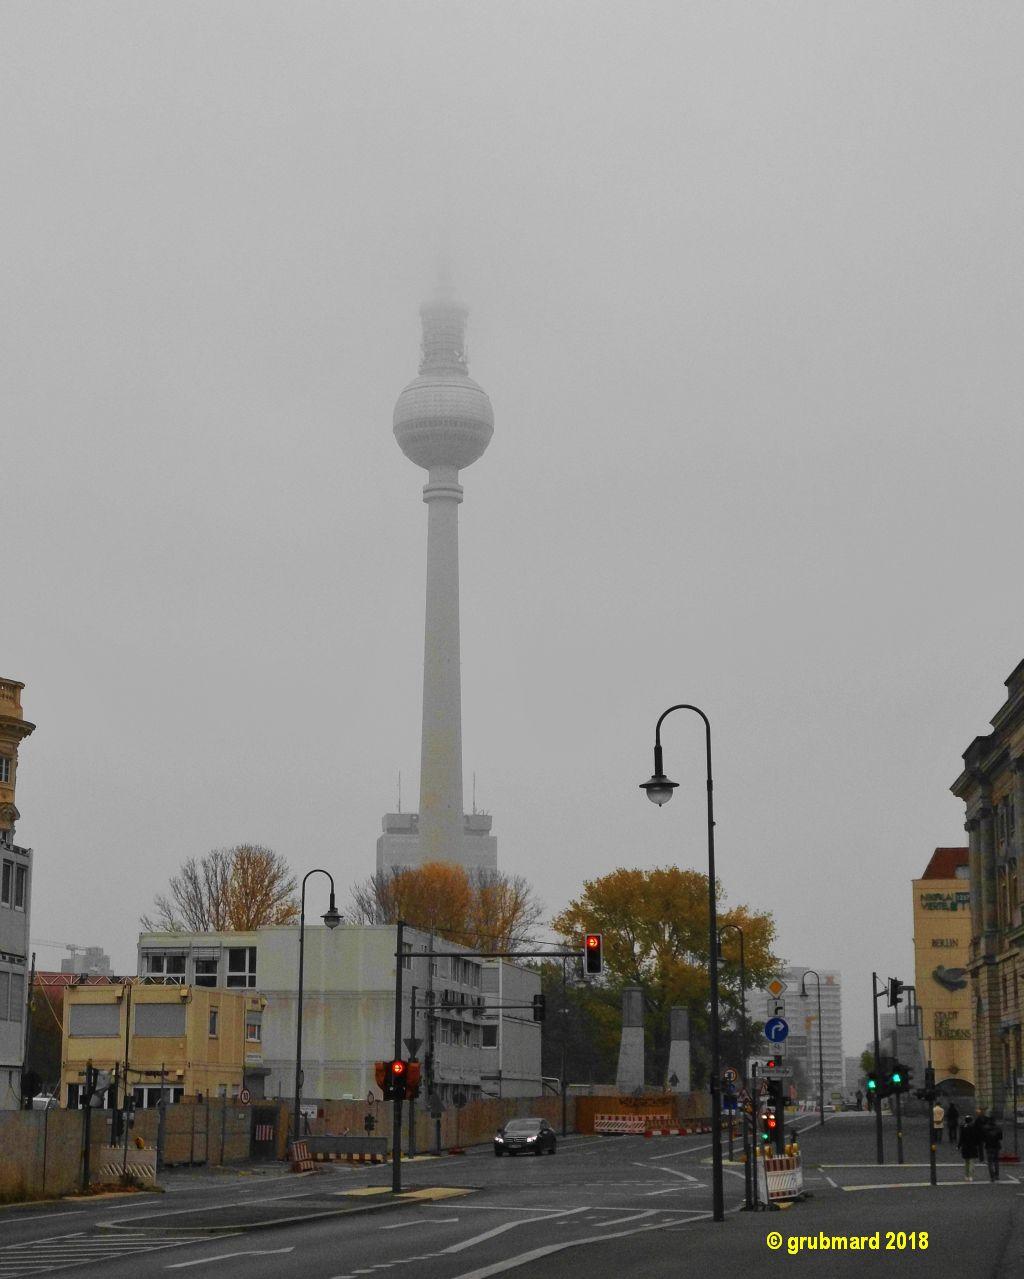 Berliner Fernsehturm Restaurant 10178 Berlin Mitte öffnungszeiten